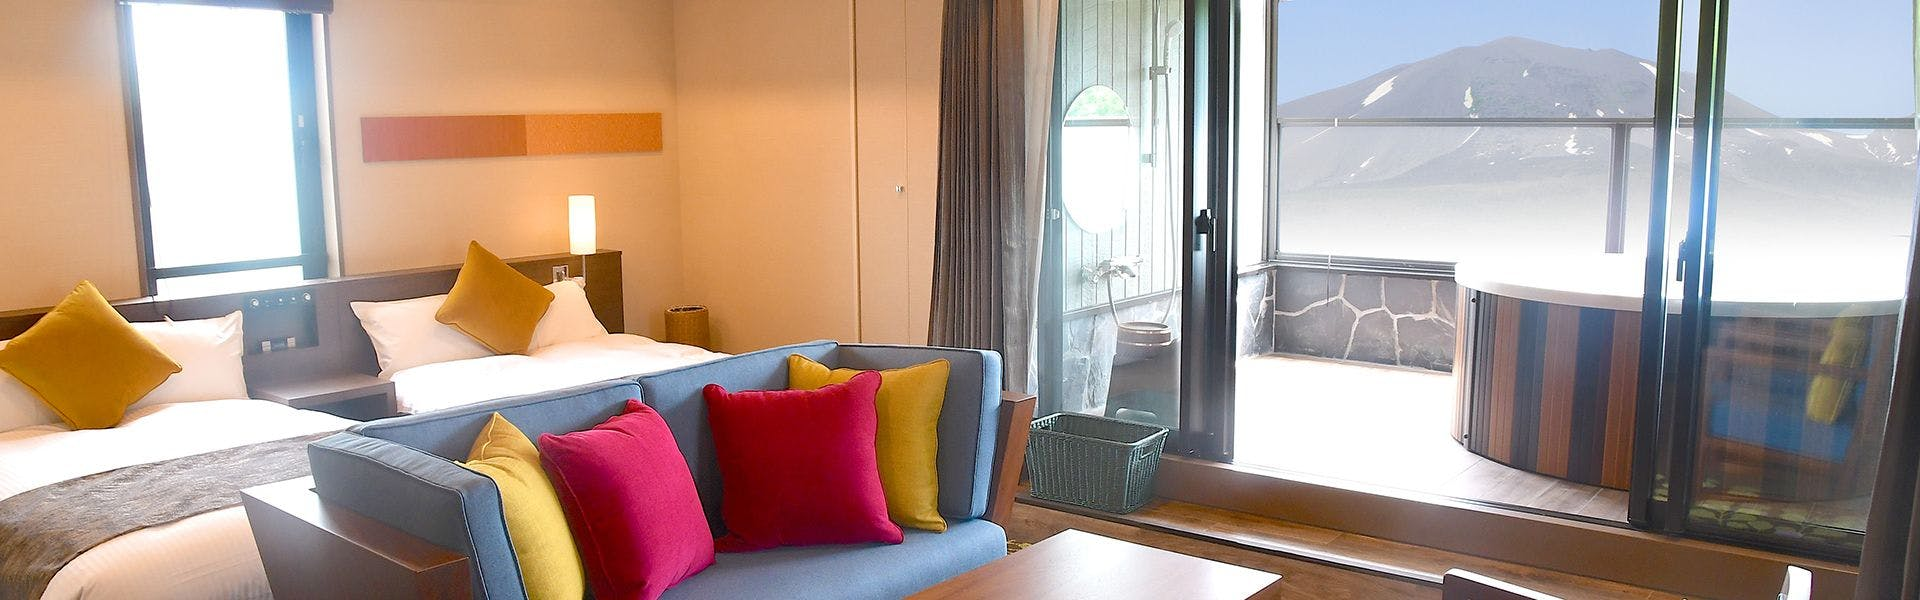 記念日におすすめのホテル・軽井沢倶楽部 ホテル軽井沢1130の写真1